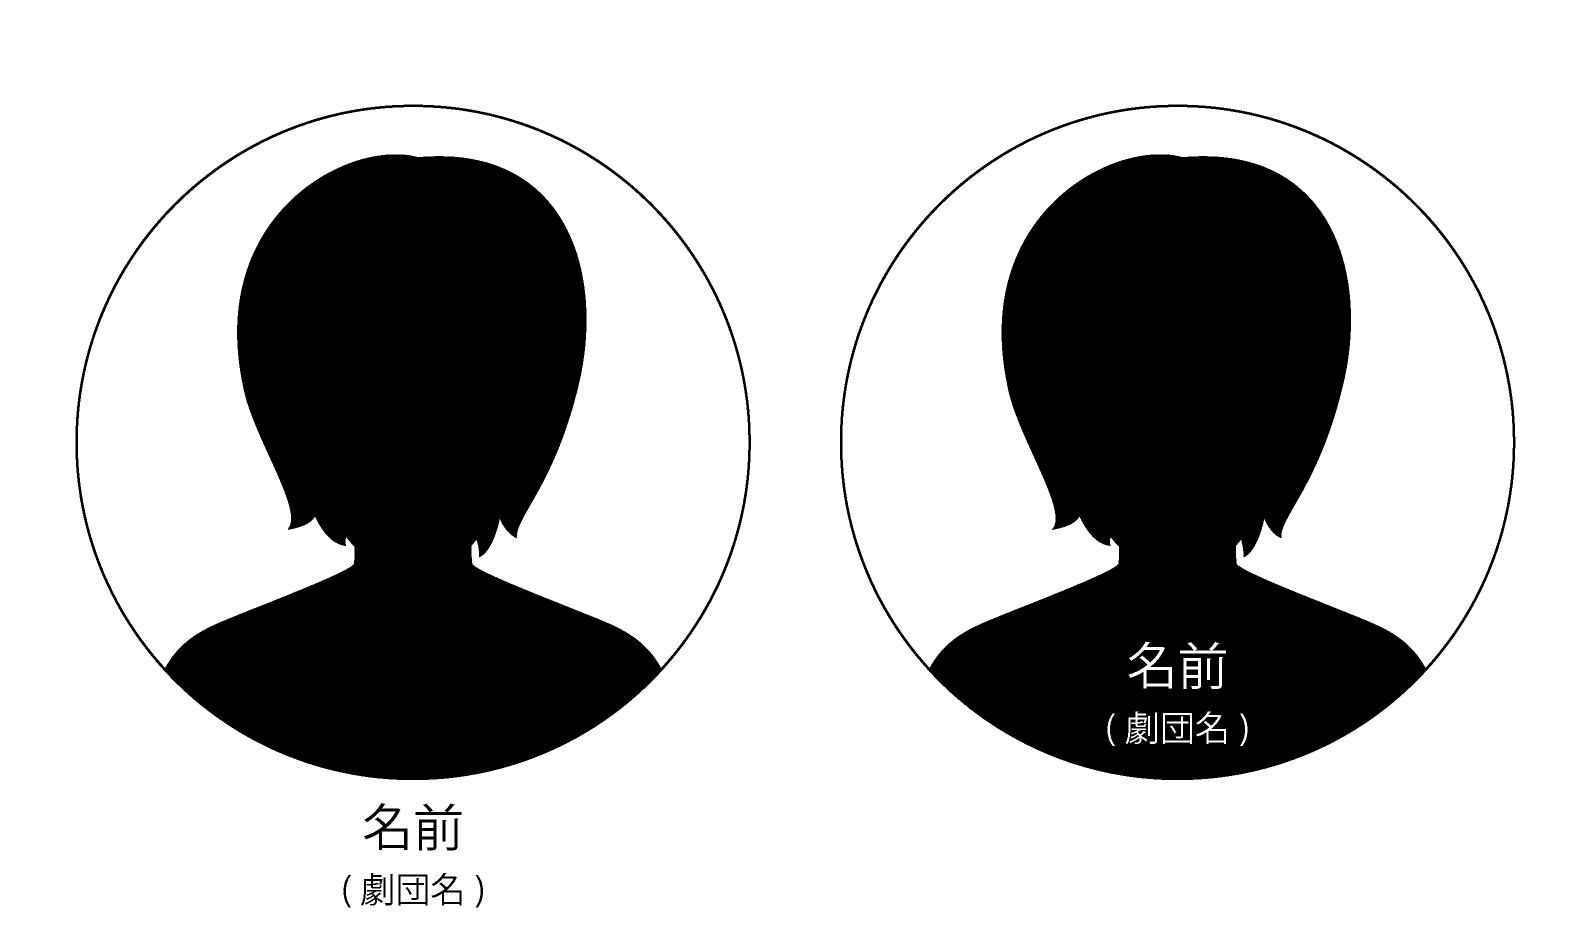 演劇のチラシの出演者紹介のデザイン 円形